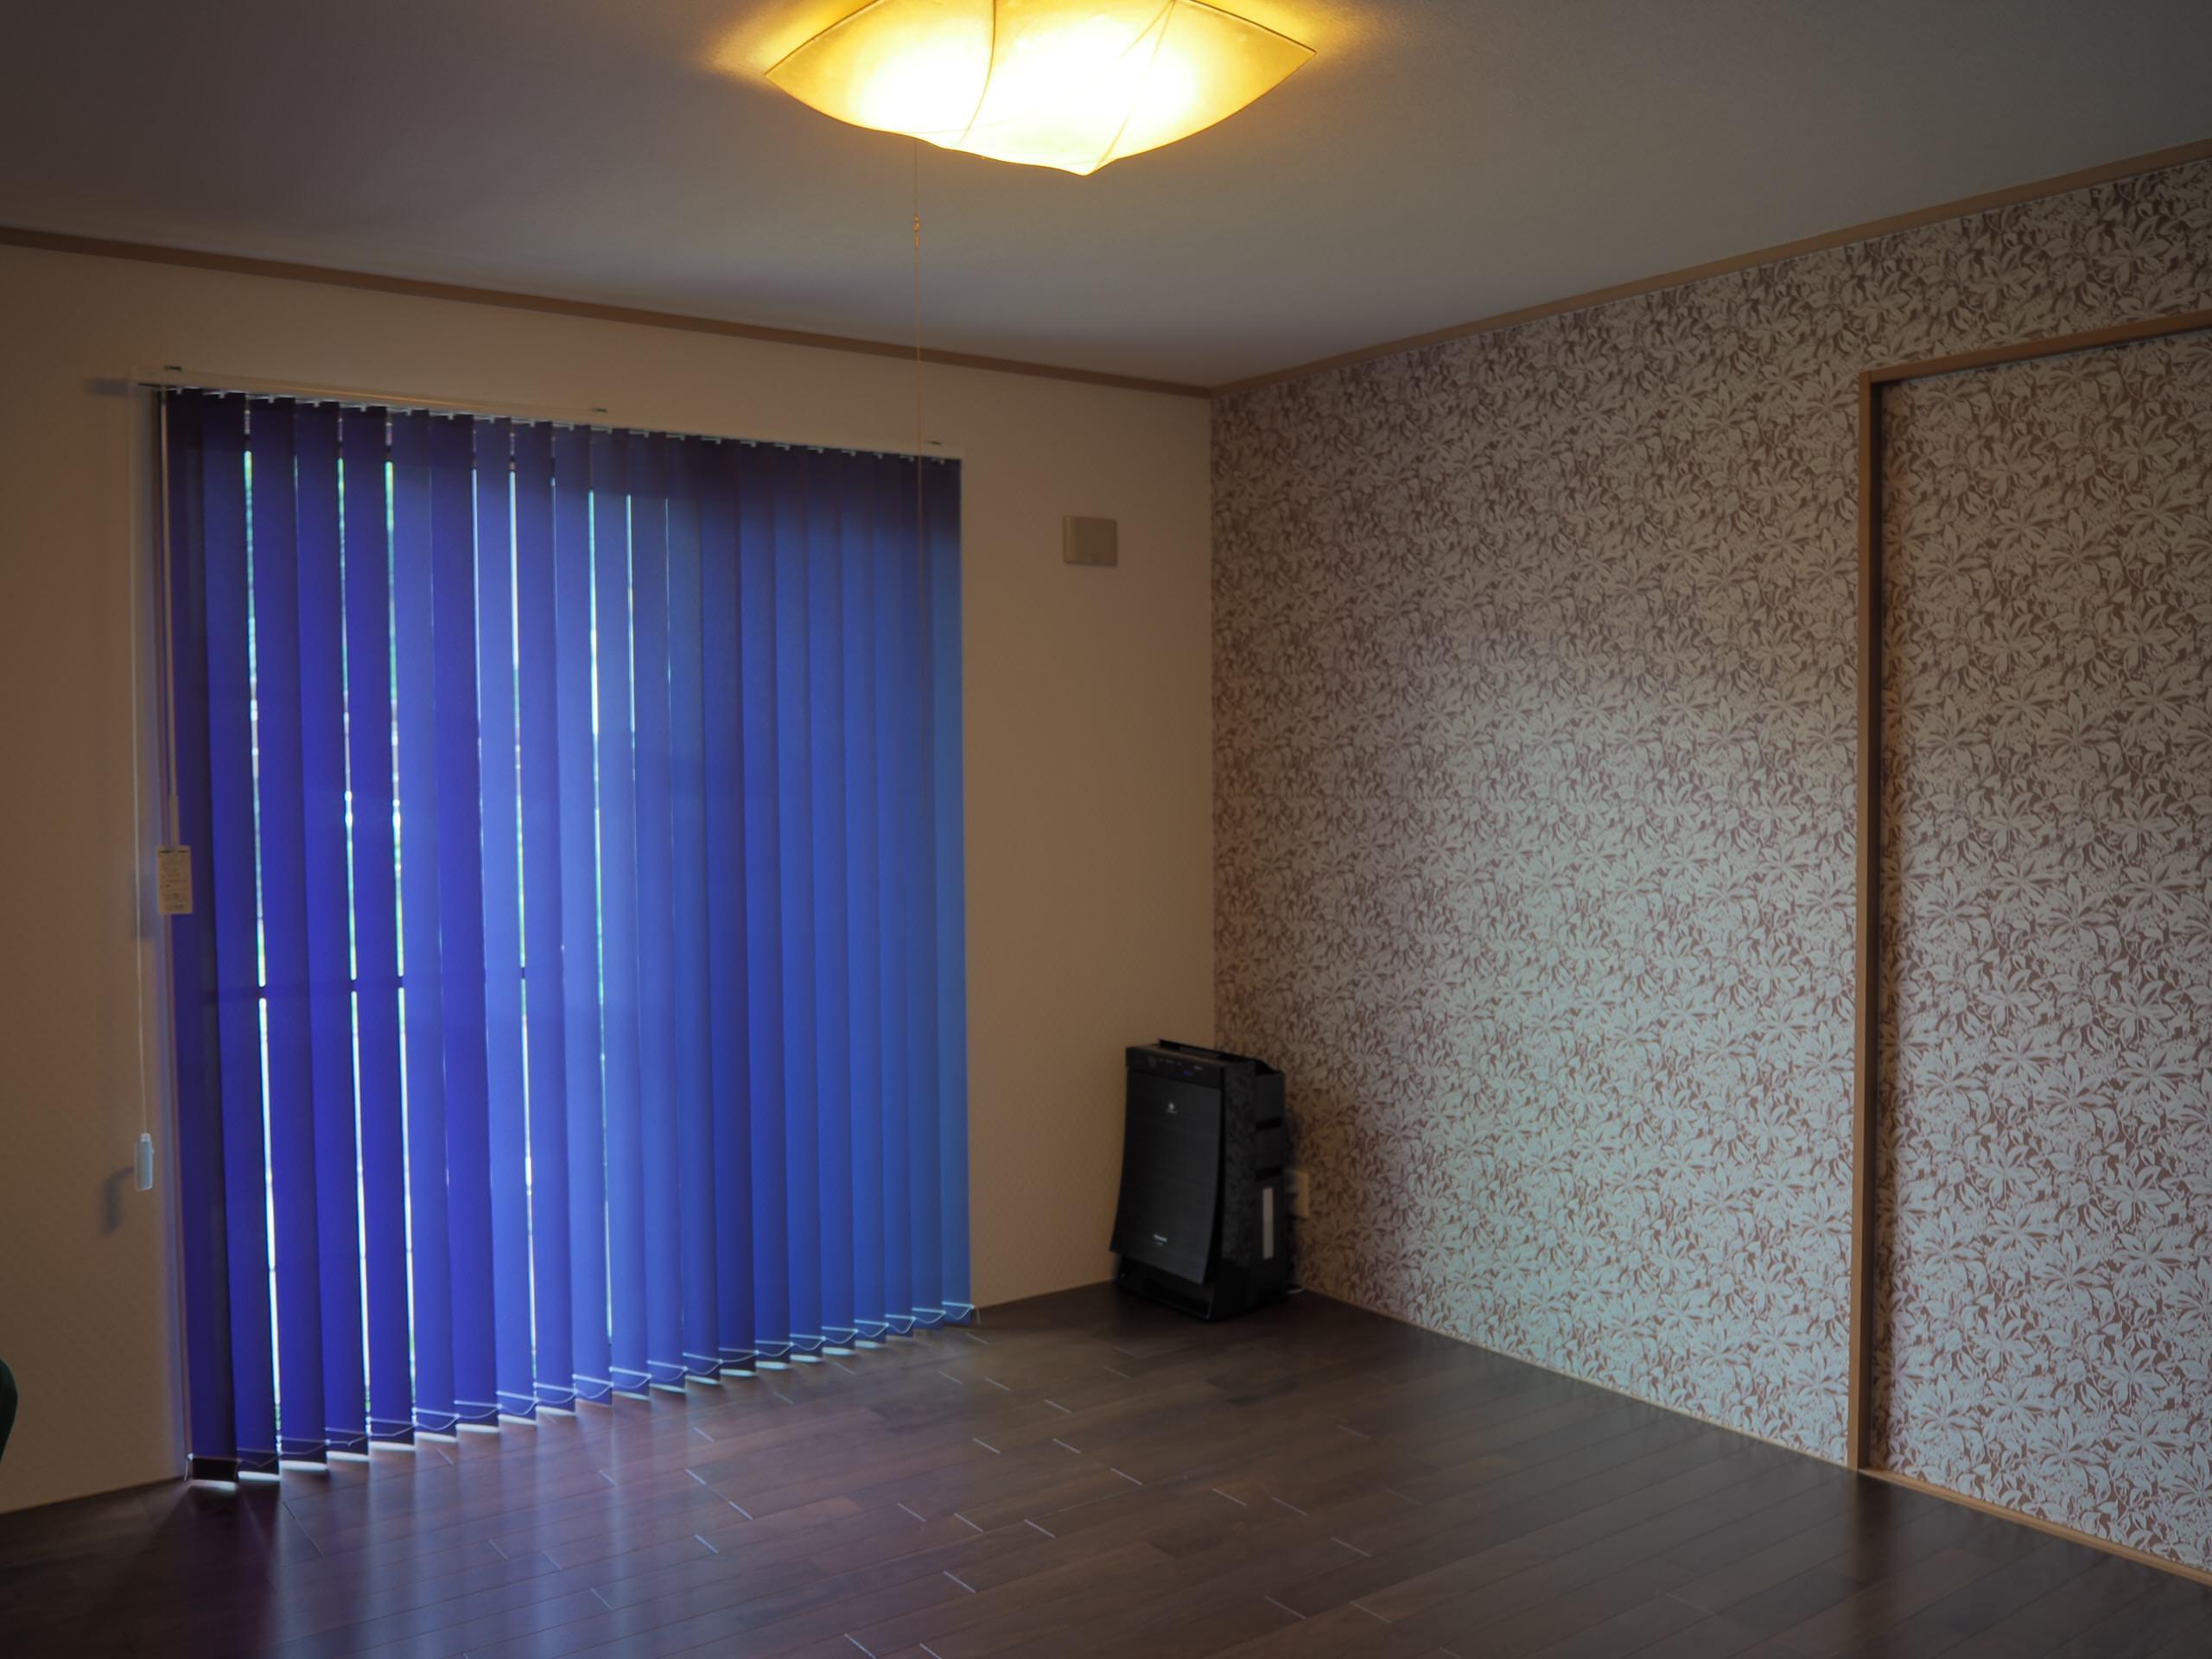 和室がエレガントな空間に生まれ変わりました